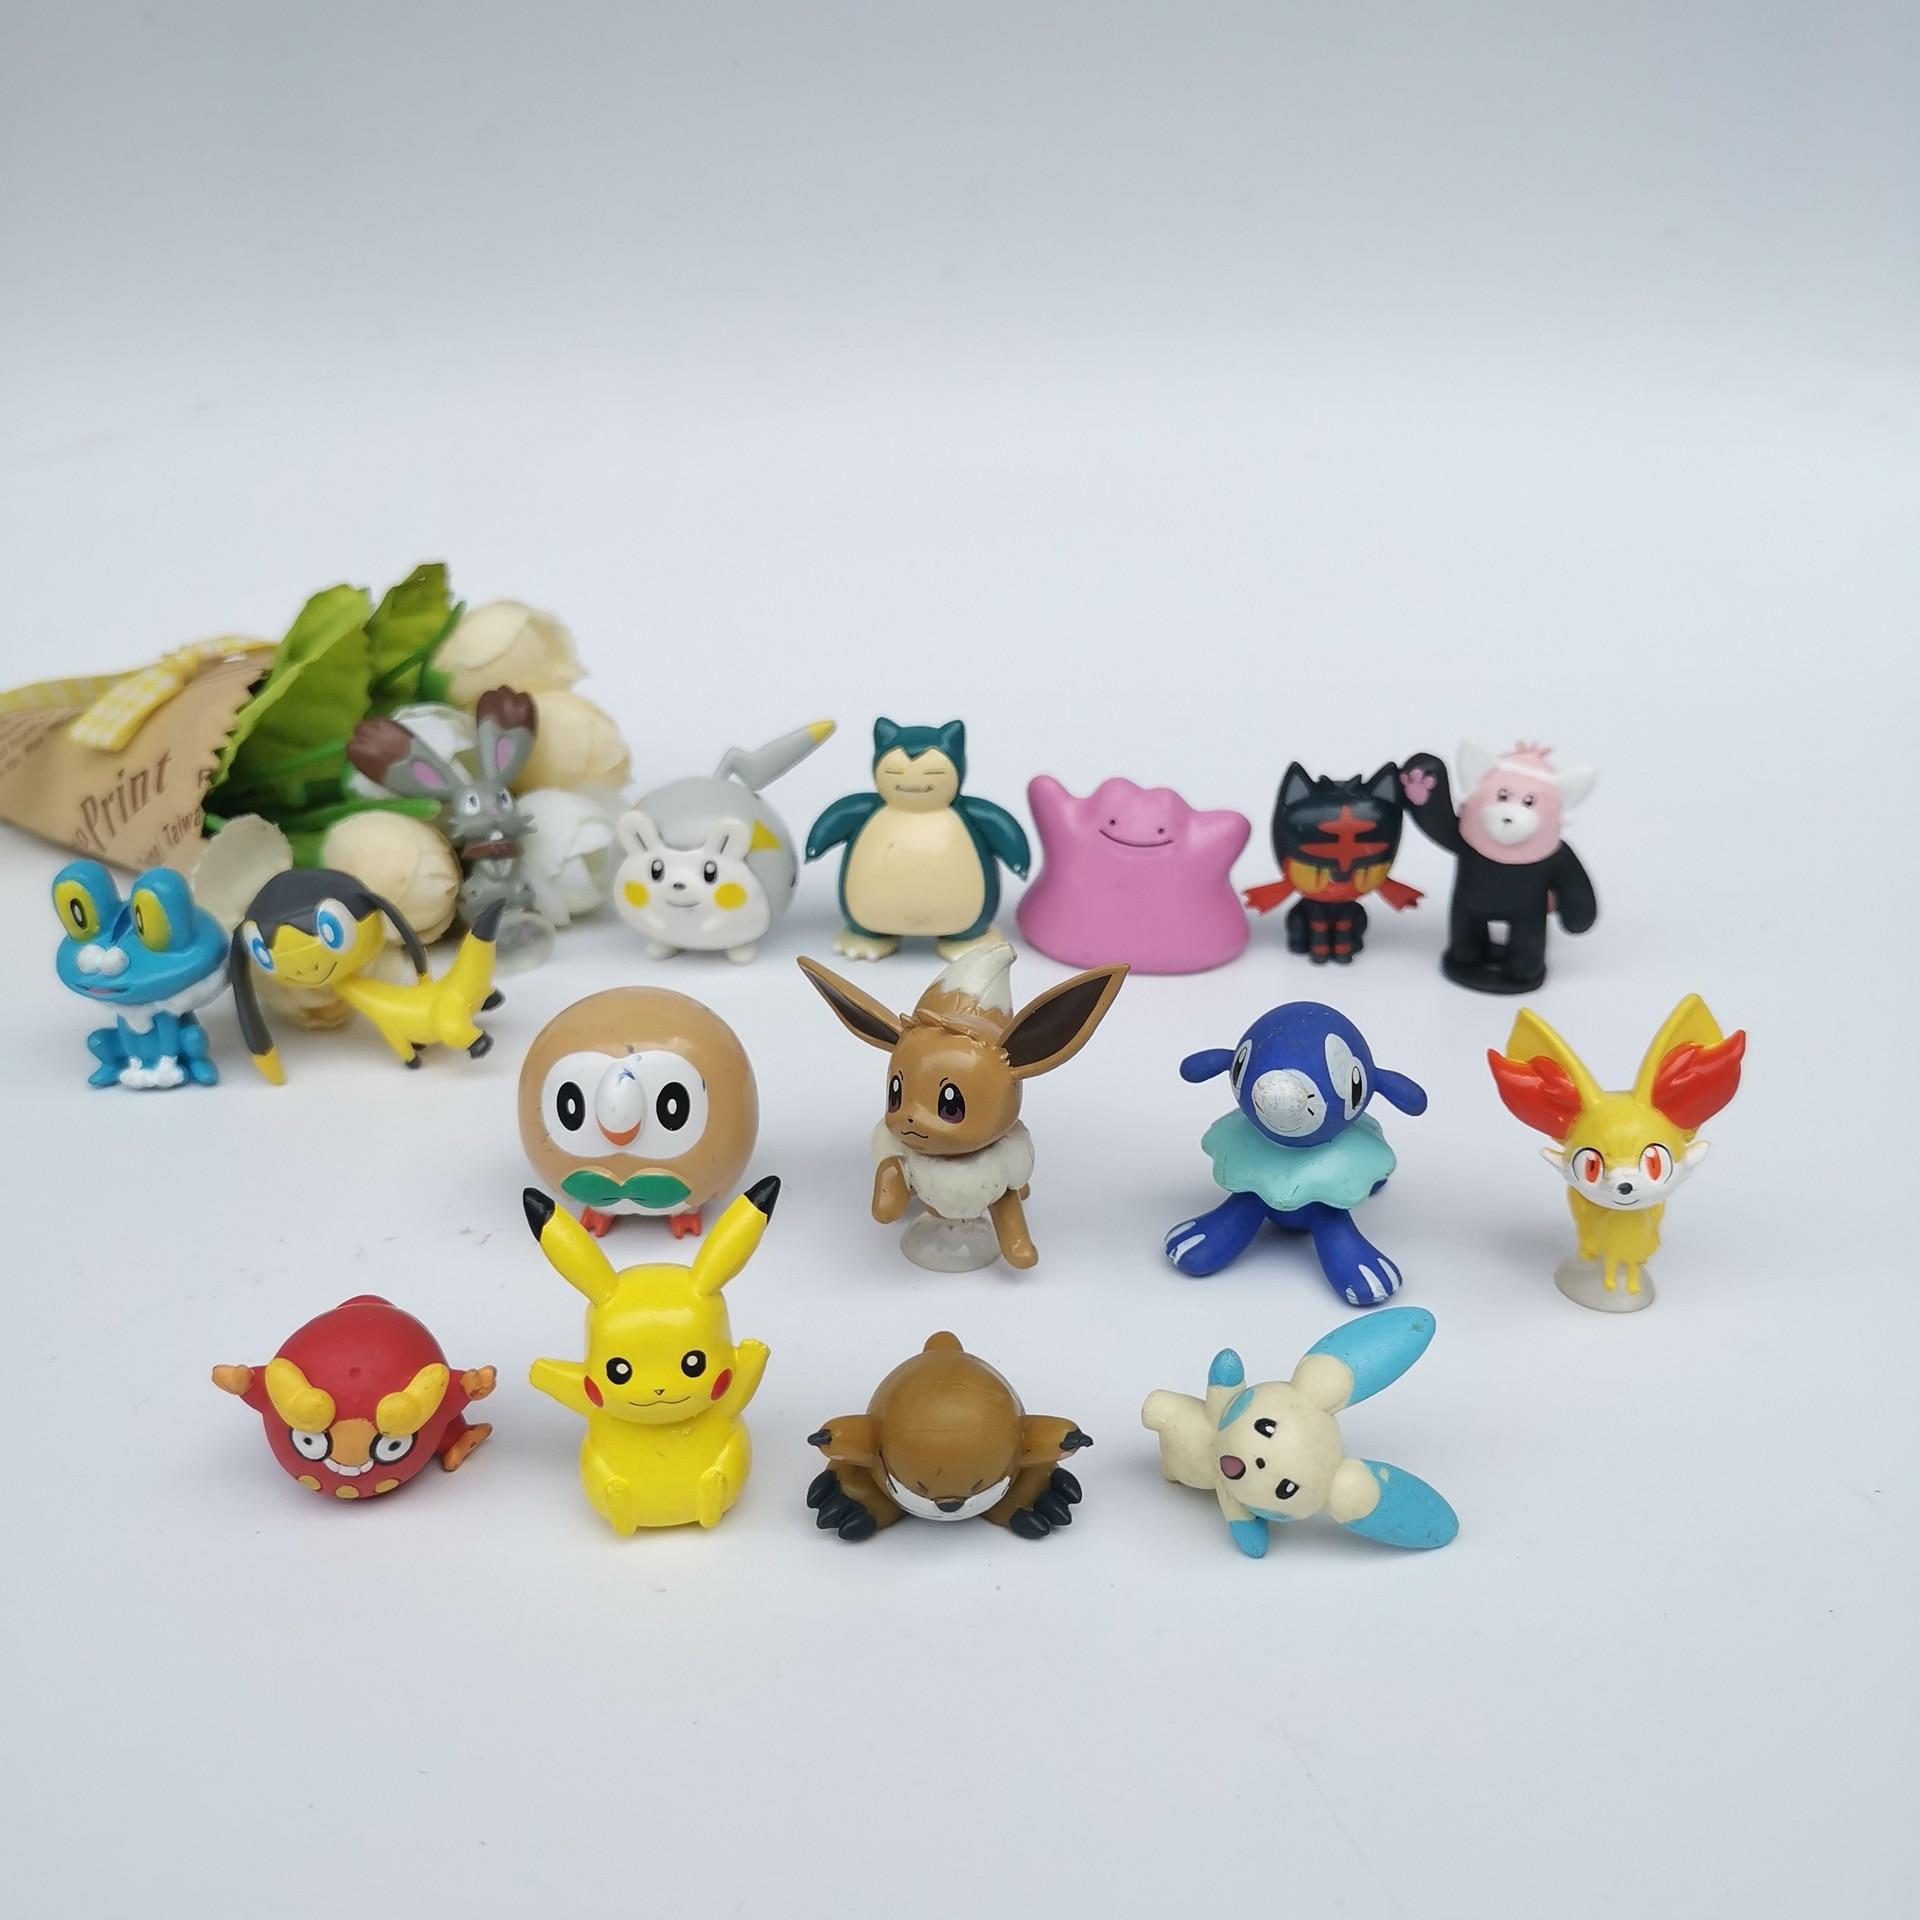 16 шт./компл. 2,5-5 см аниме Рисунок Игрушки для детей рождественские подарки мультфильм аниме pokemones фигурку модели игрушки с дистанционным